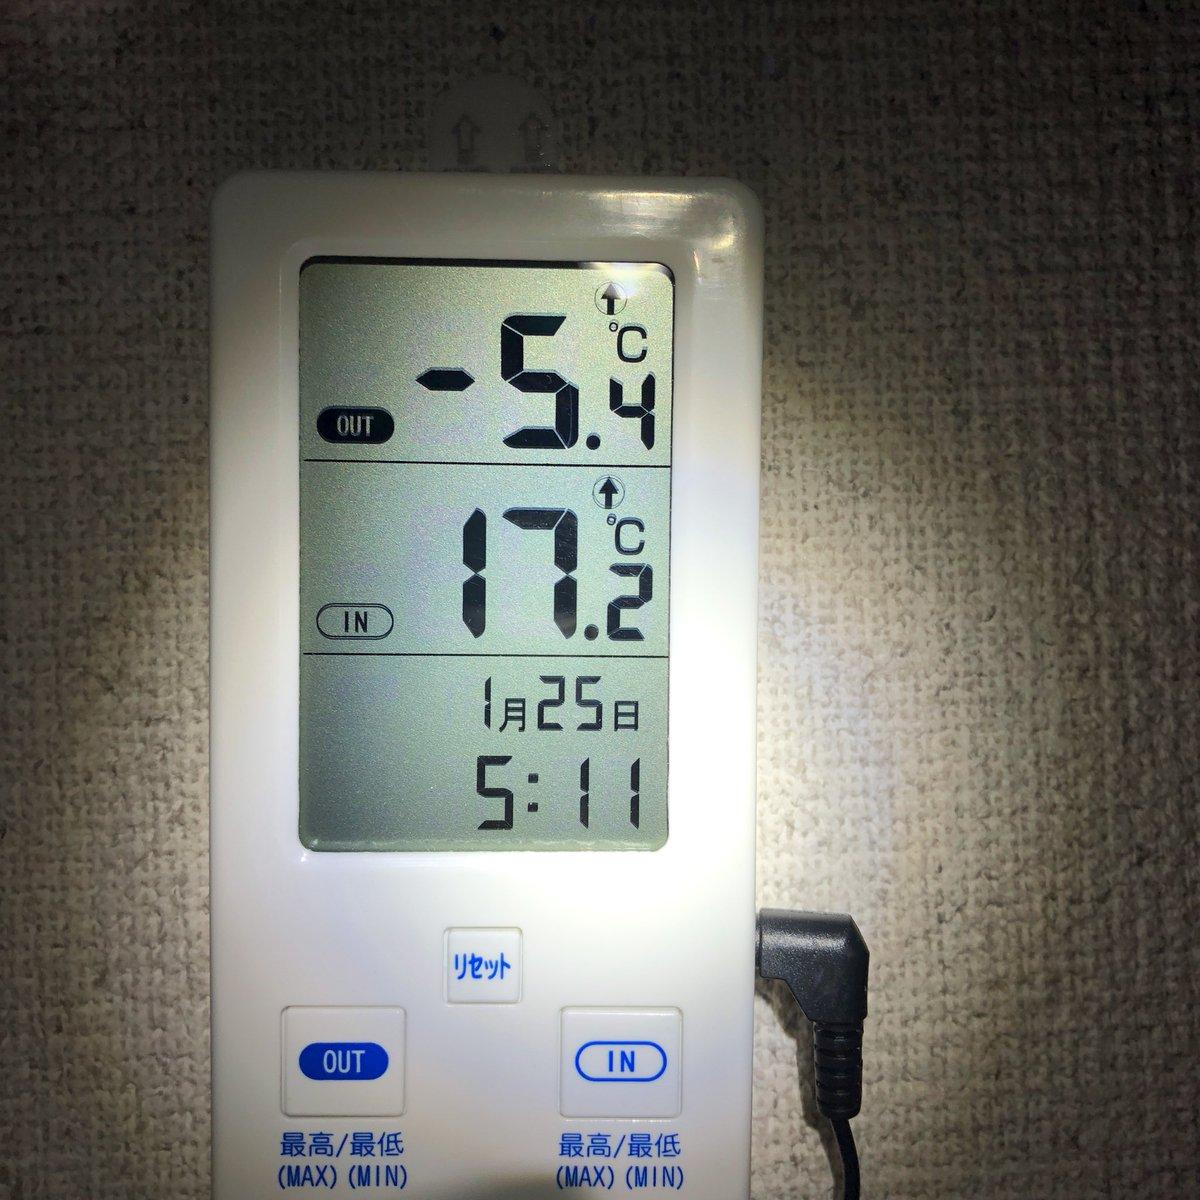 test ツイッターメディア - 気温①昨日の最低は-9.0を記録してました。夜中から現在までその記録は超えていません。②③夜中と朝の数値。④そして先ほど。もうピーク超えたのか?気温上昇してるな????最大で4.7m平均で4mの冷たい風が吹いており昨日に引き続き厳しい寒さには変わりなし☃️ https://t.co/yDclkQDNDb